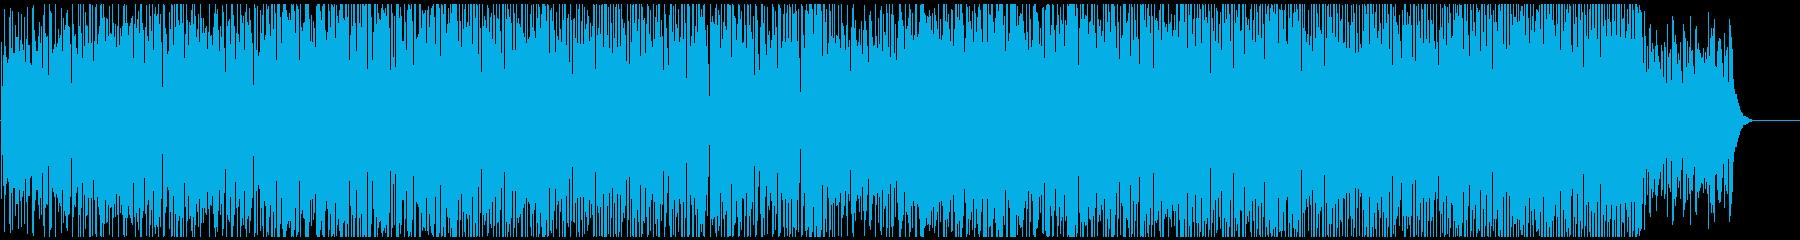 アコースティックポップ ダンスパーティ風の再生済みの波形